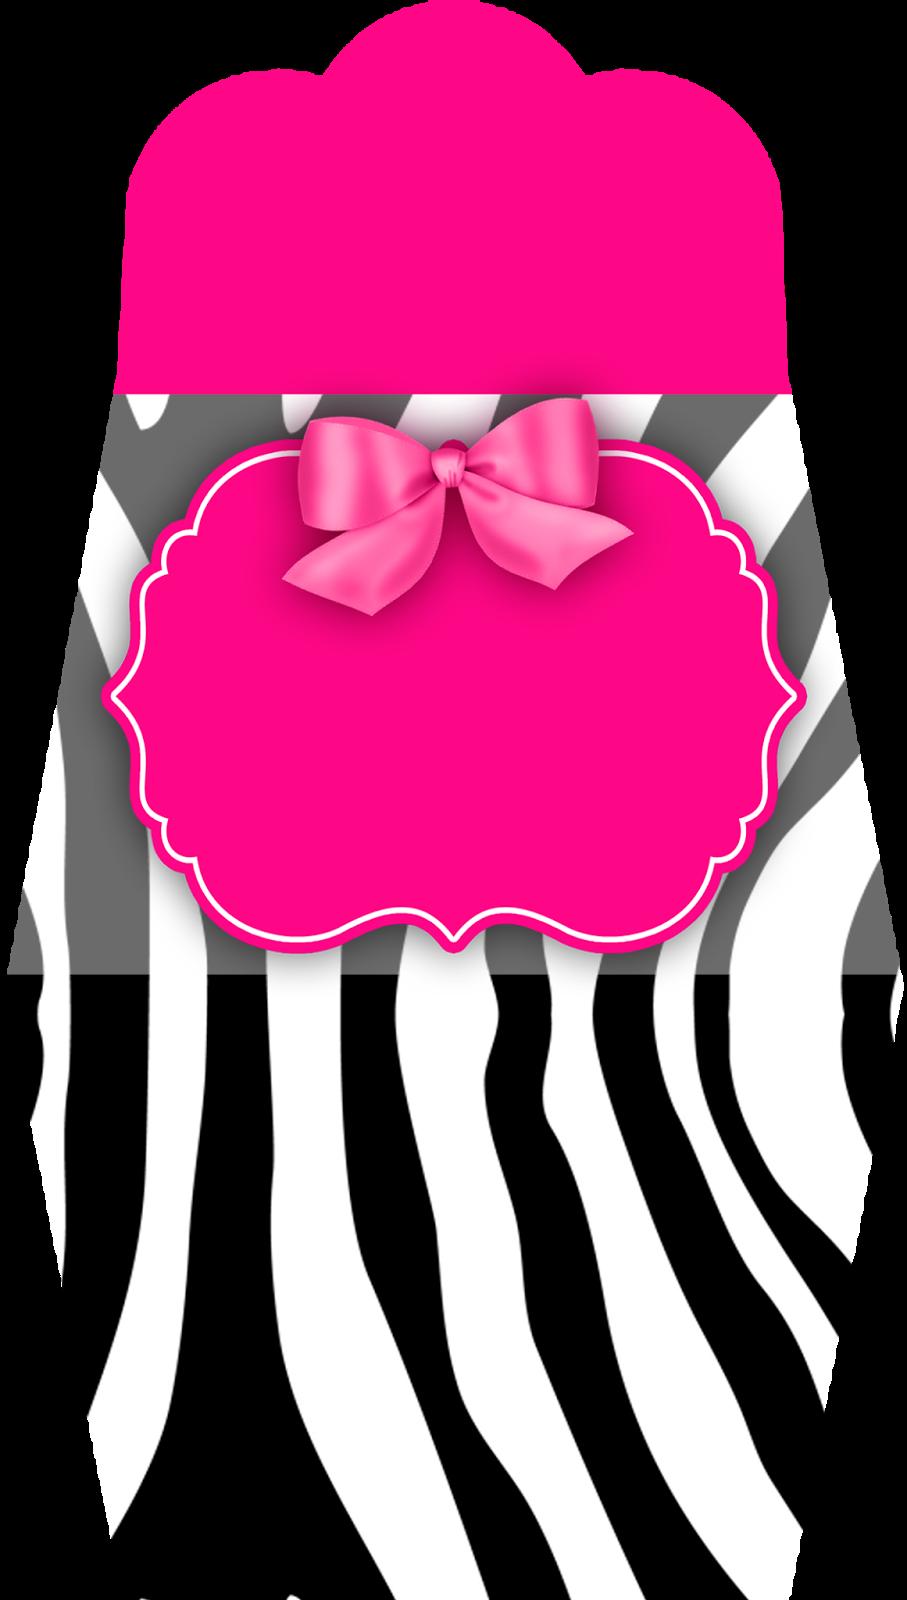 Montando minha festa: Zebra rosa e preto   Zebra e rosa   Pinterest